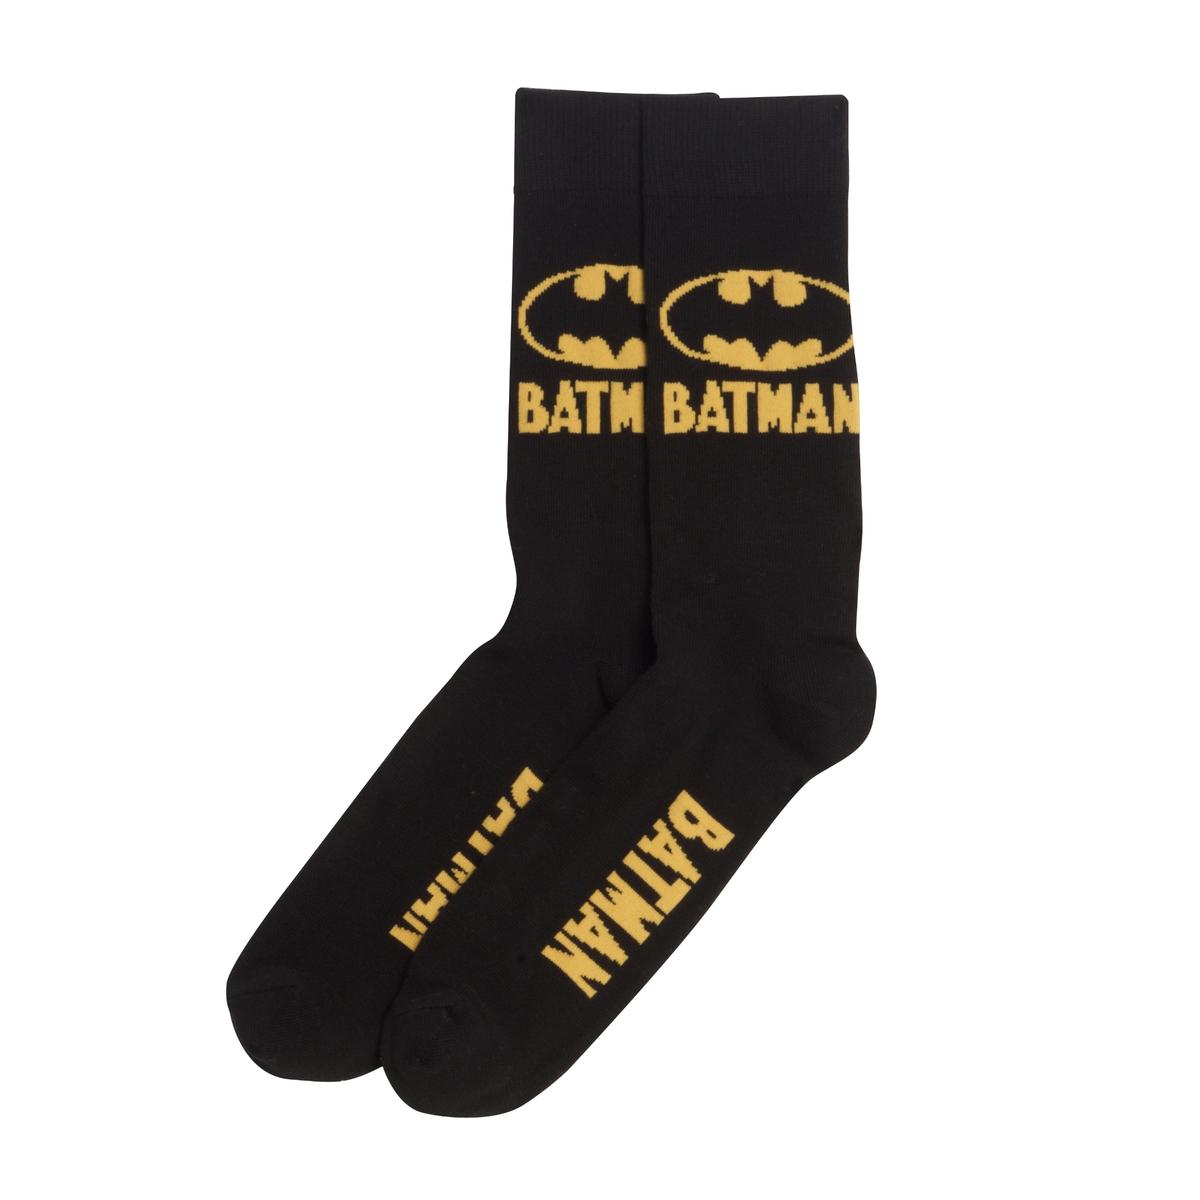 2 пары носков BATMAN2 пары носков от марки BATMAN .                                                              - Логотип Бэтман  по бокам и низ и жаккарда                     - Края сшиты в рубчик на уровне щиколоток Состав и описание 2 пар носков :Основной материал : 75% хлопка, 20% полиамида, 5% эластана           Марка : BATMAN®Уход :                                                              Машинная стирка при 40°                        Барабанная сушка запрещена                     Сухая чистка запрещена<br><br>Цвет: черный/ желтый<br>Размер: 43/45